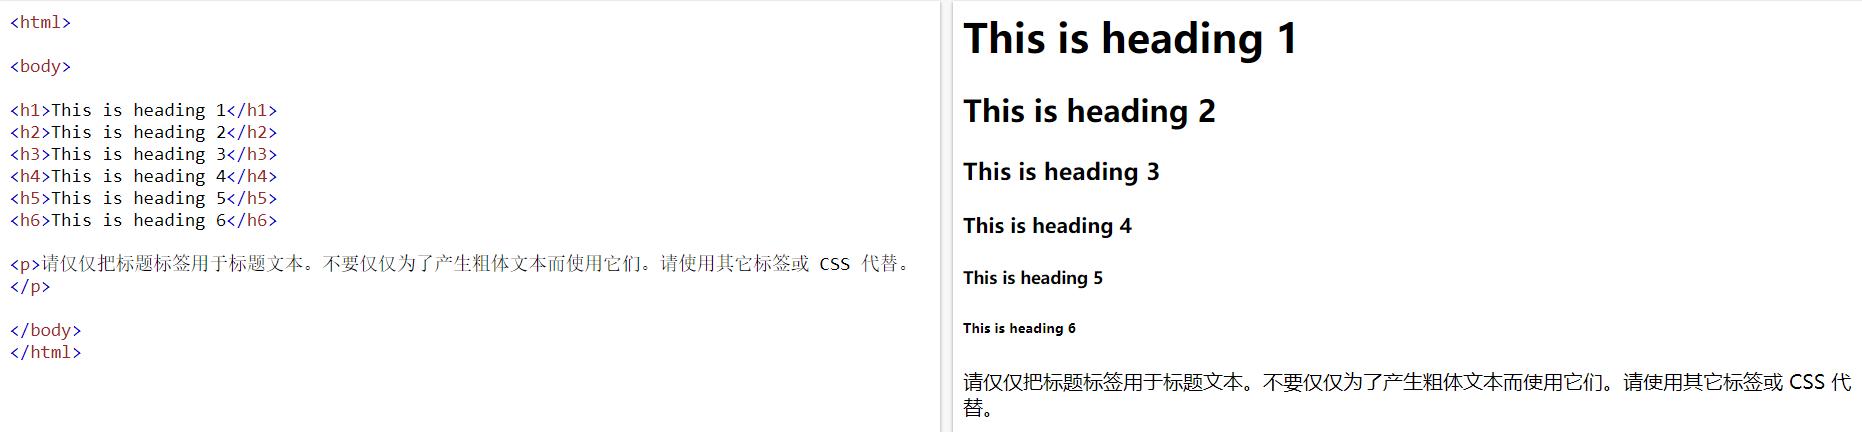 页面代码中的H标签